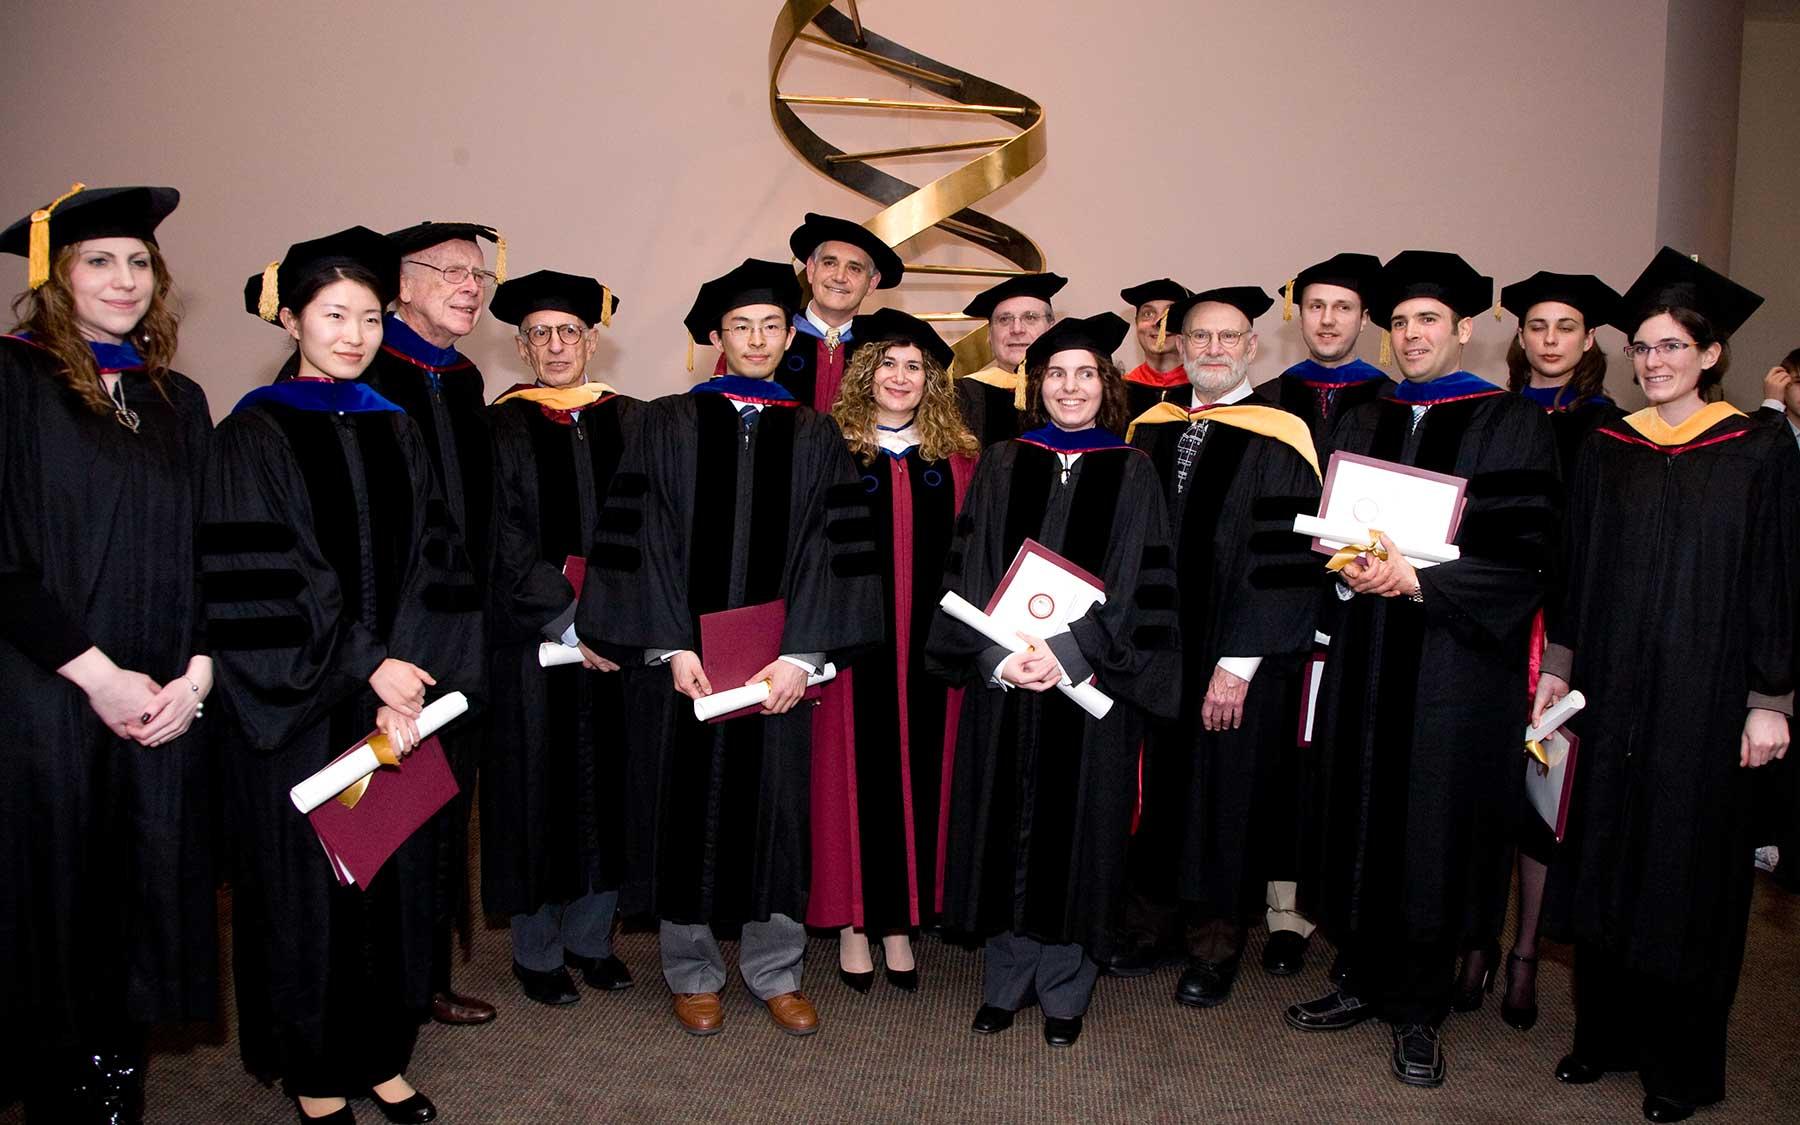 2008 WSBS graduating class